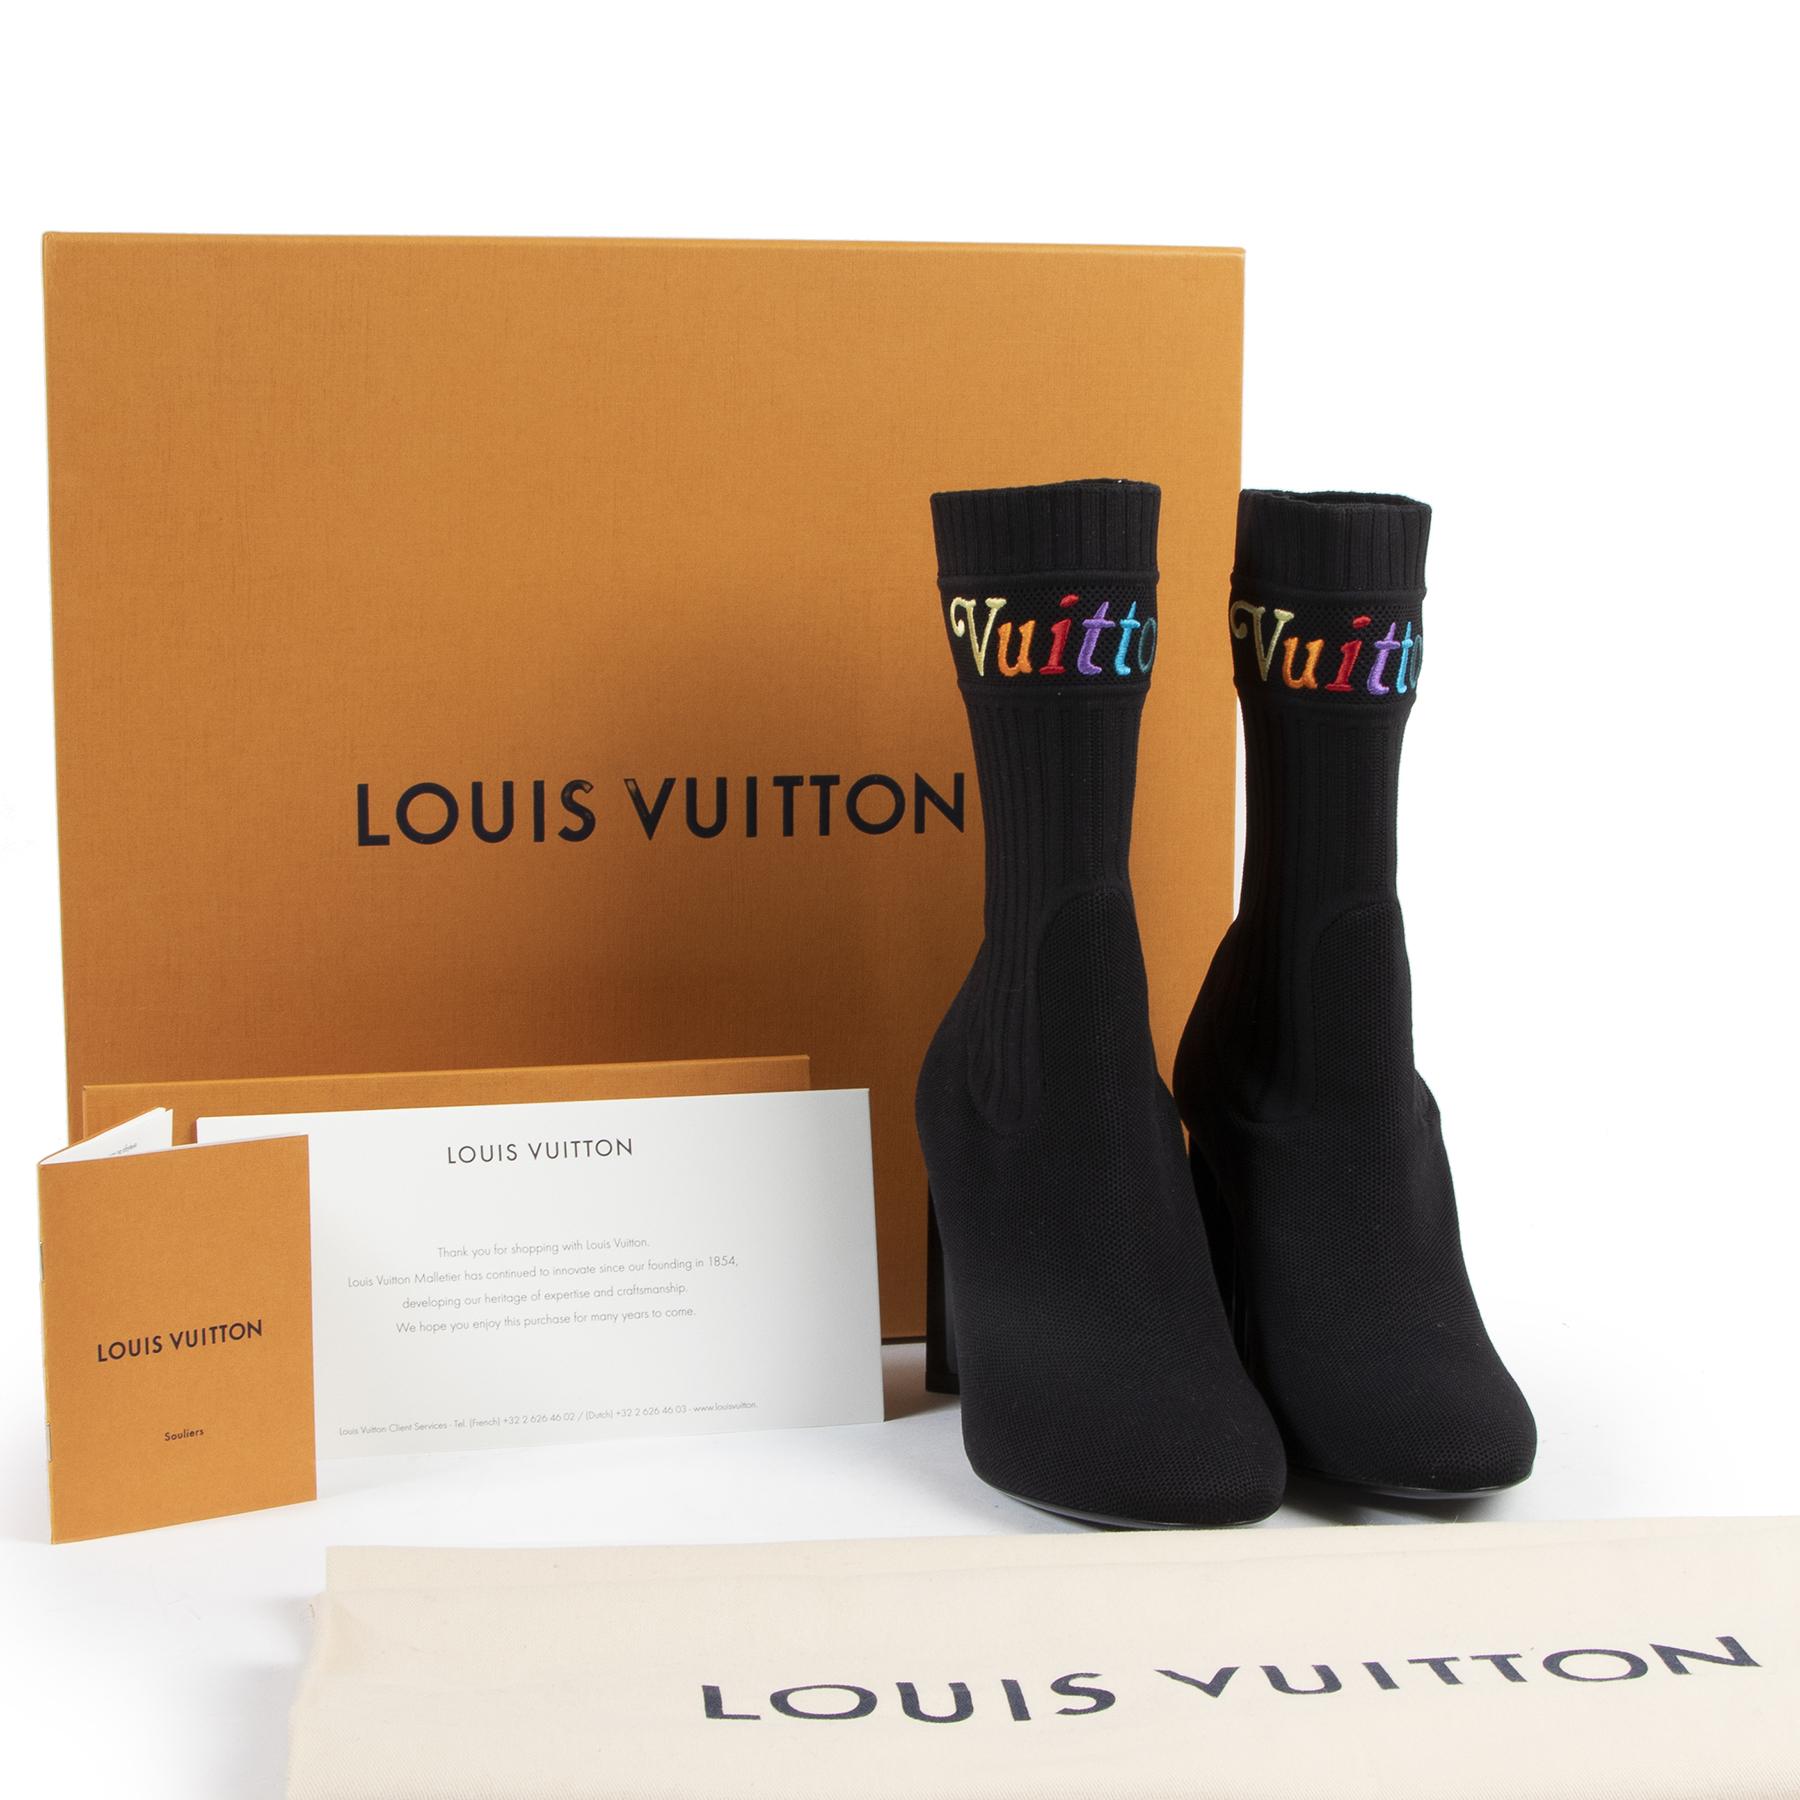 Koop en verkoop uw authentieke designer handtassen en accessoires zoals Louis Vuitton Silhouette Ankle Boots - size 37.5